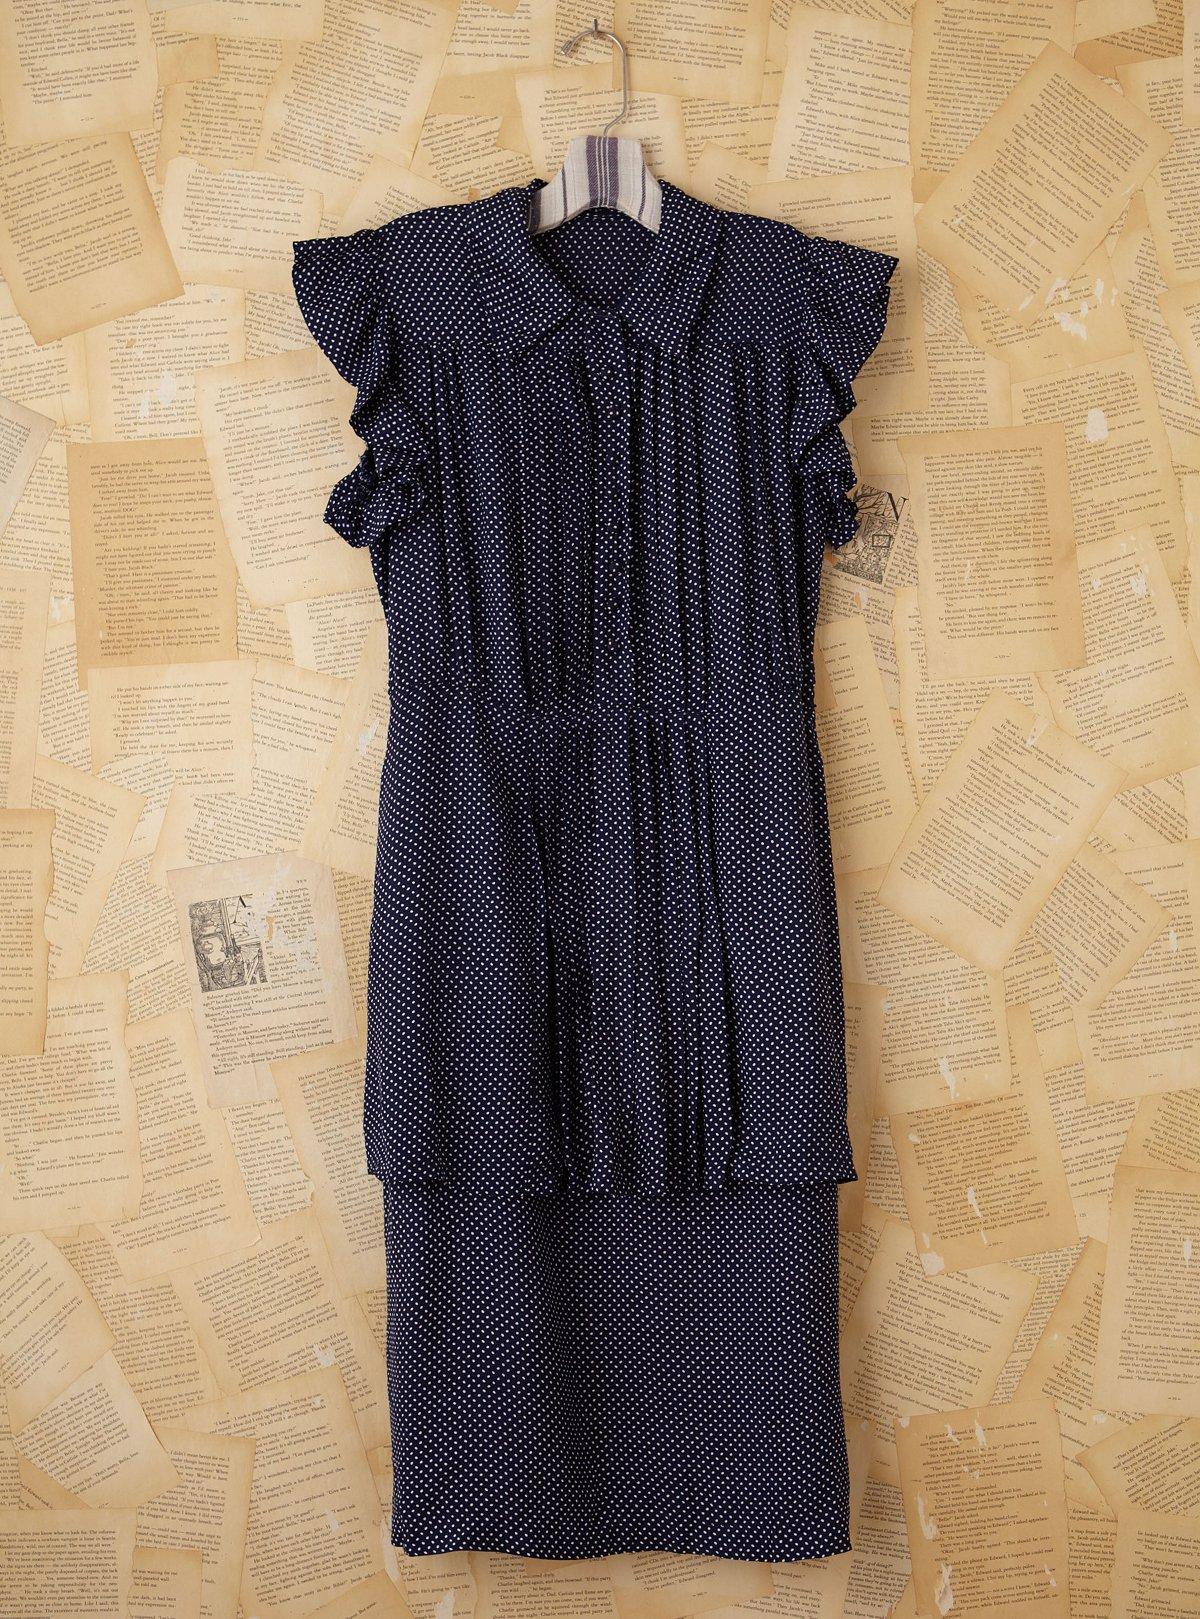 Vintage Blue Polka Dotted Dress